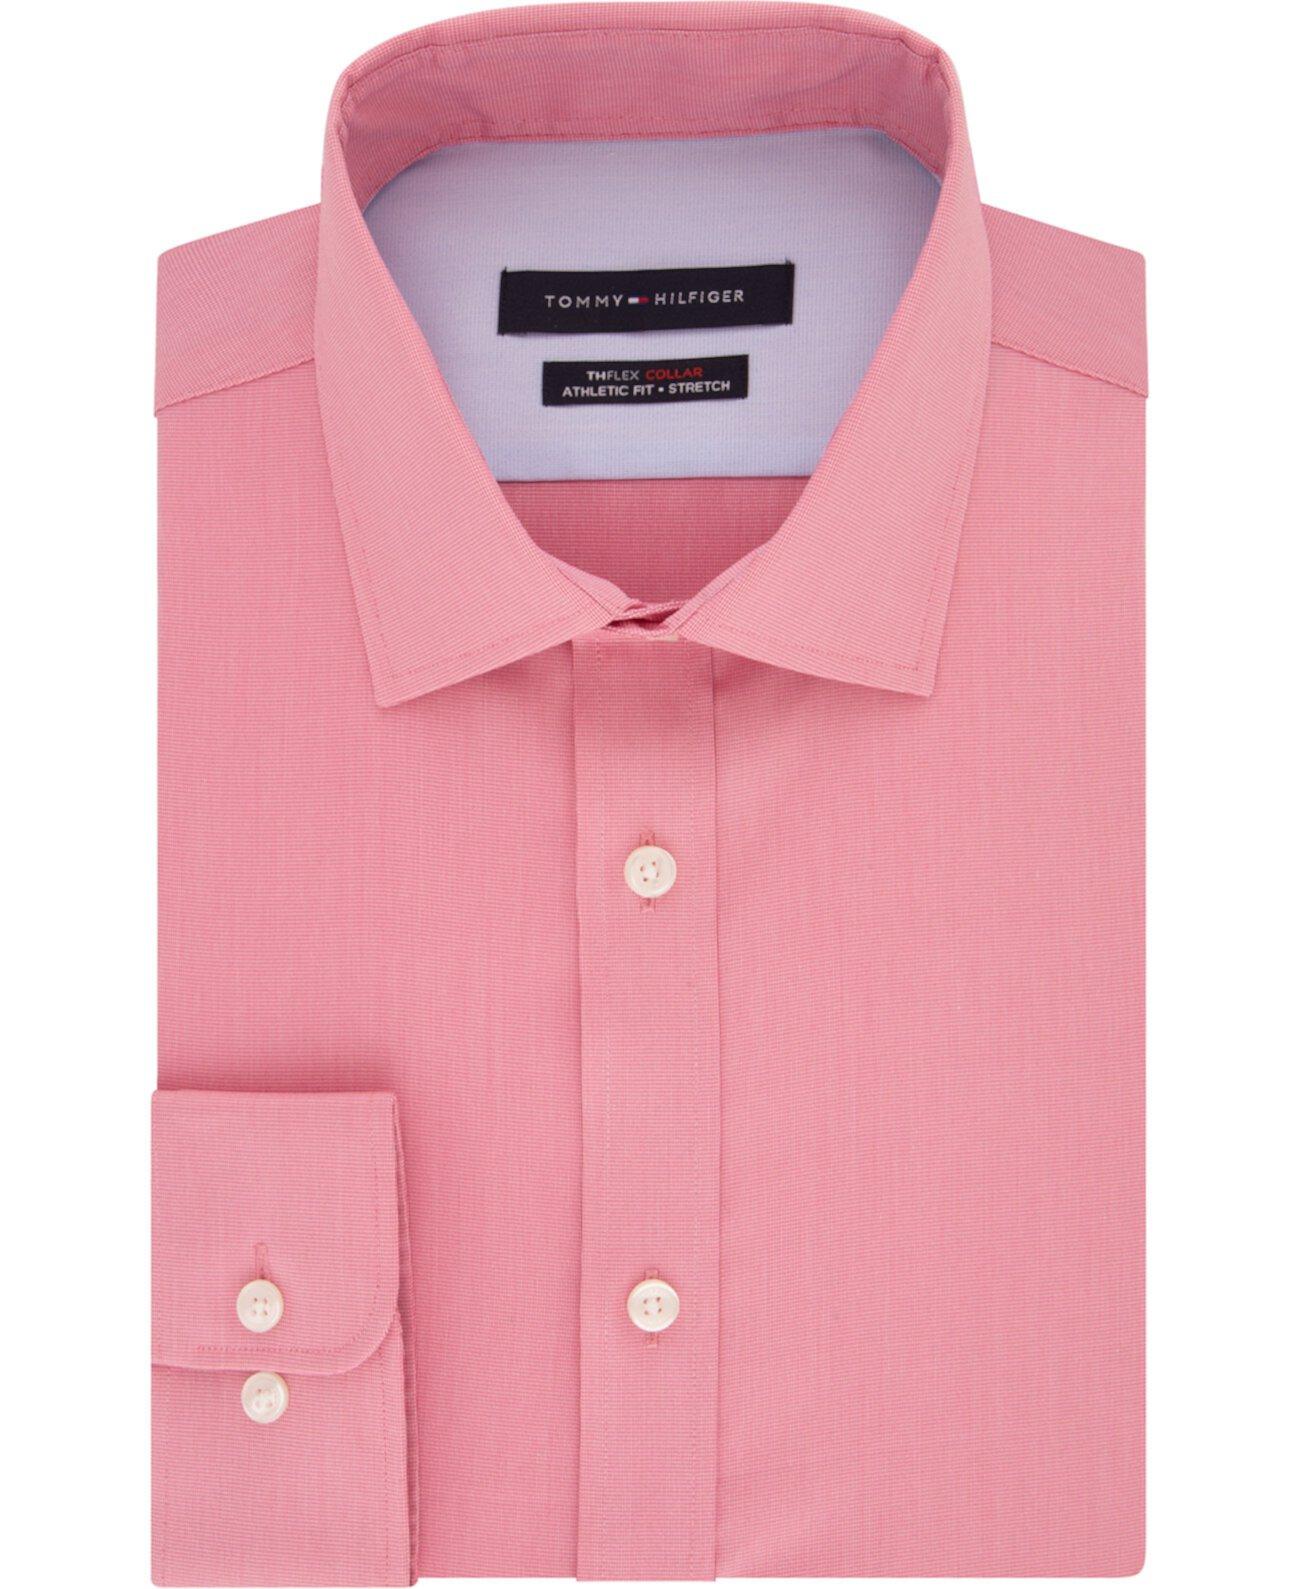 Мужская облегающая твердая классическая рубашка THFlex Performance, созданная для Macy's Tommy Hilfiger